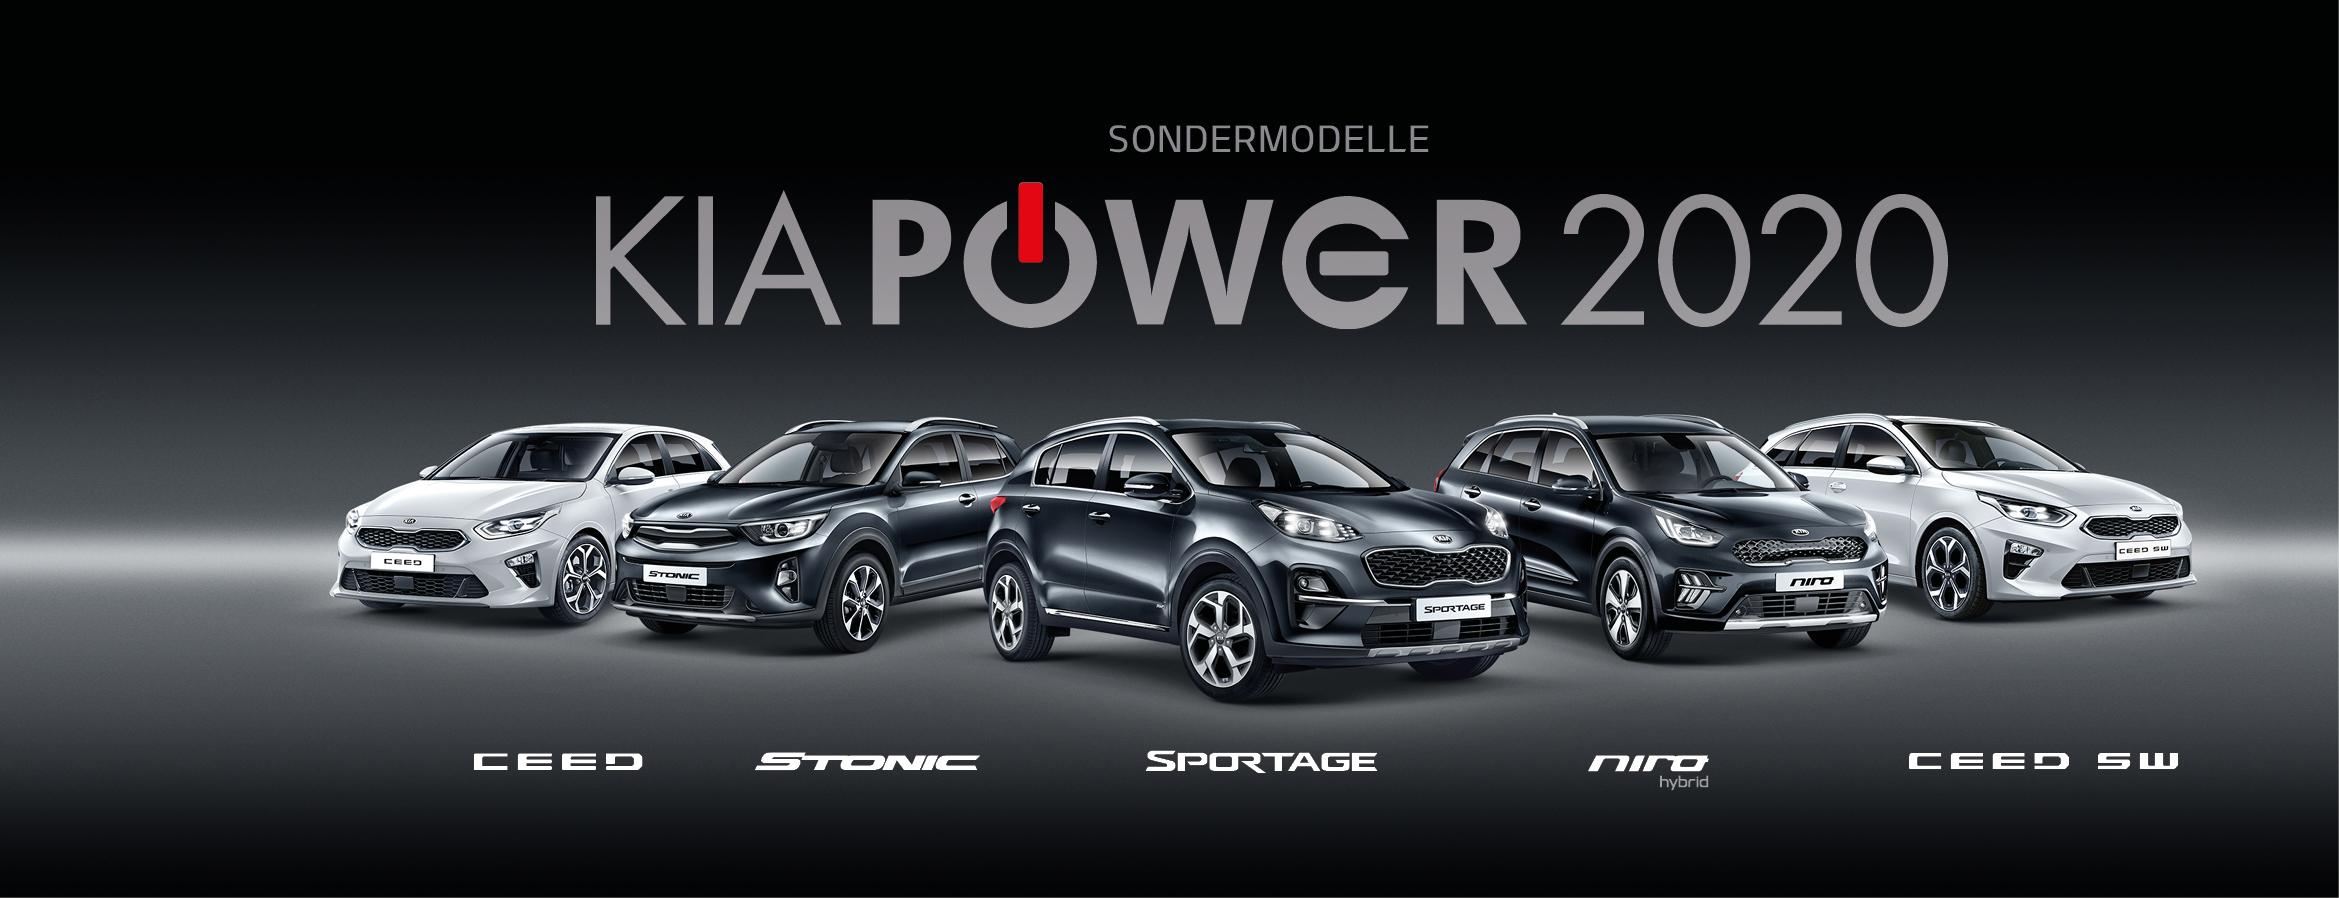 Kia Power 2020